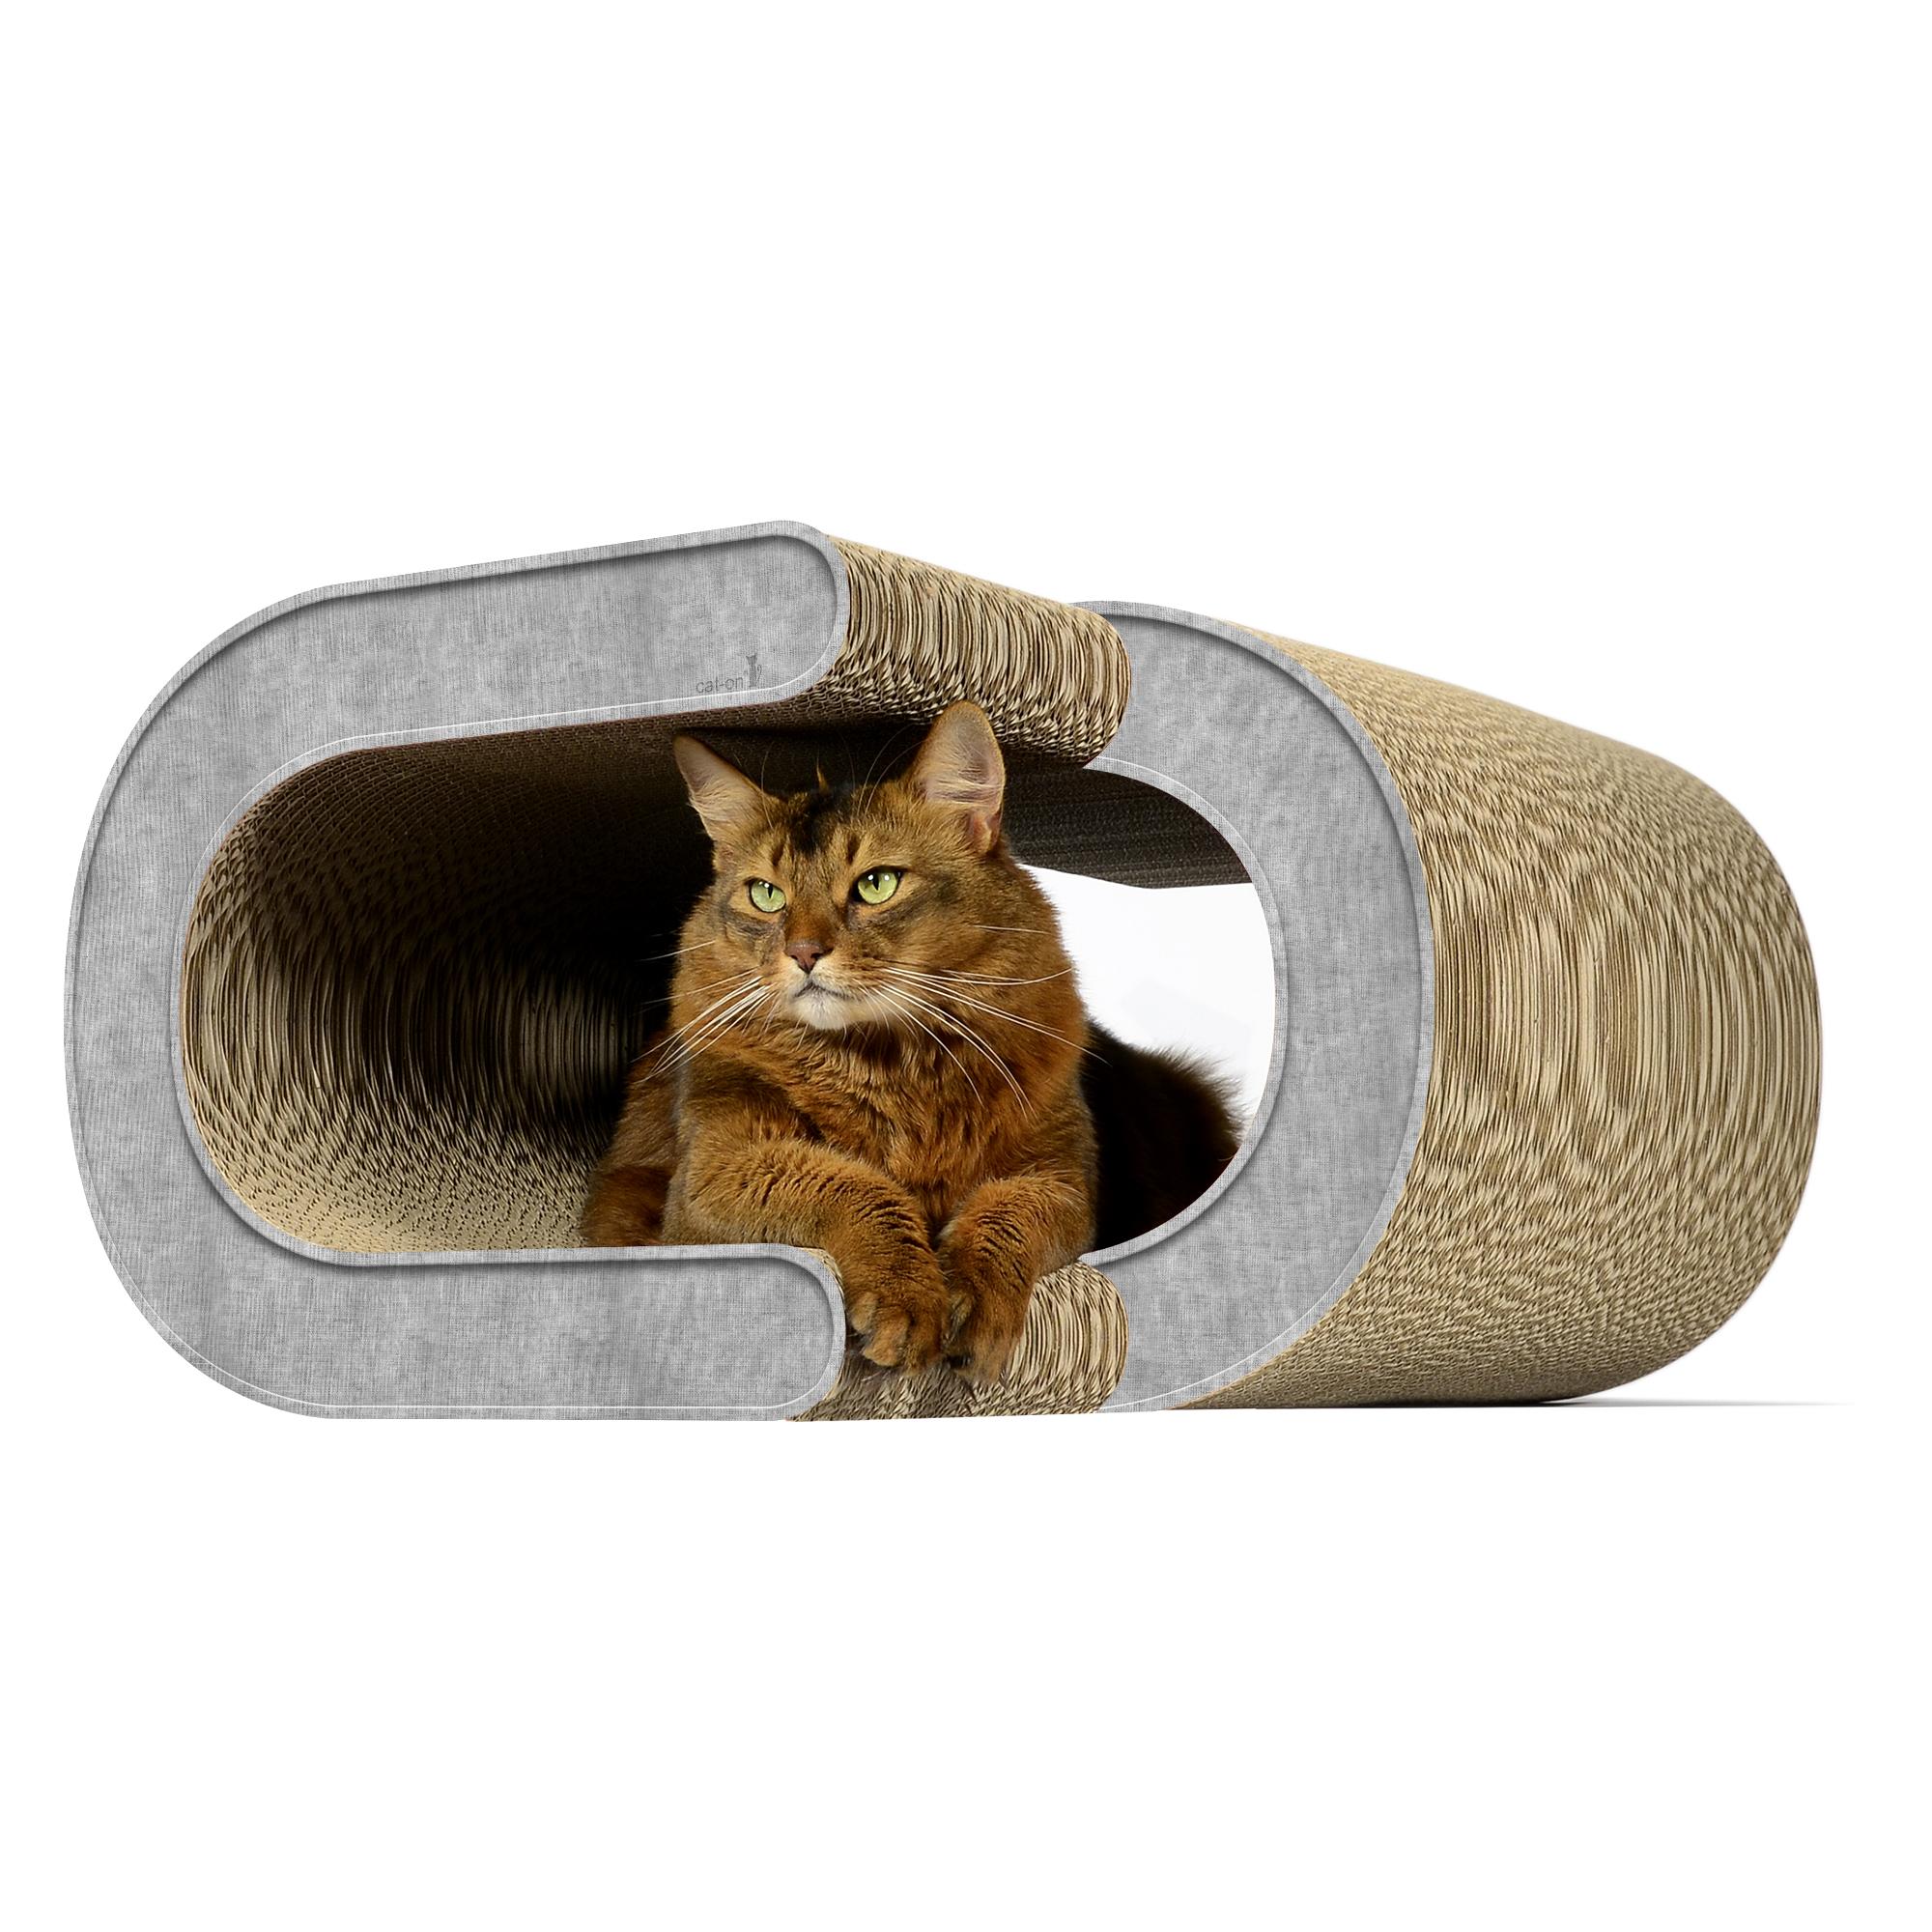 Großes Katzenkratzmöbel La Vague XL - Farbe: 001 - grau